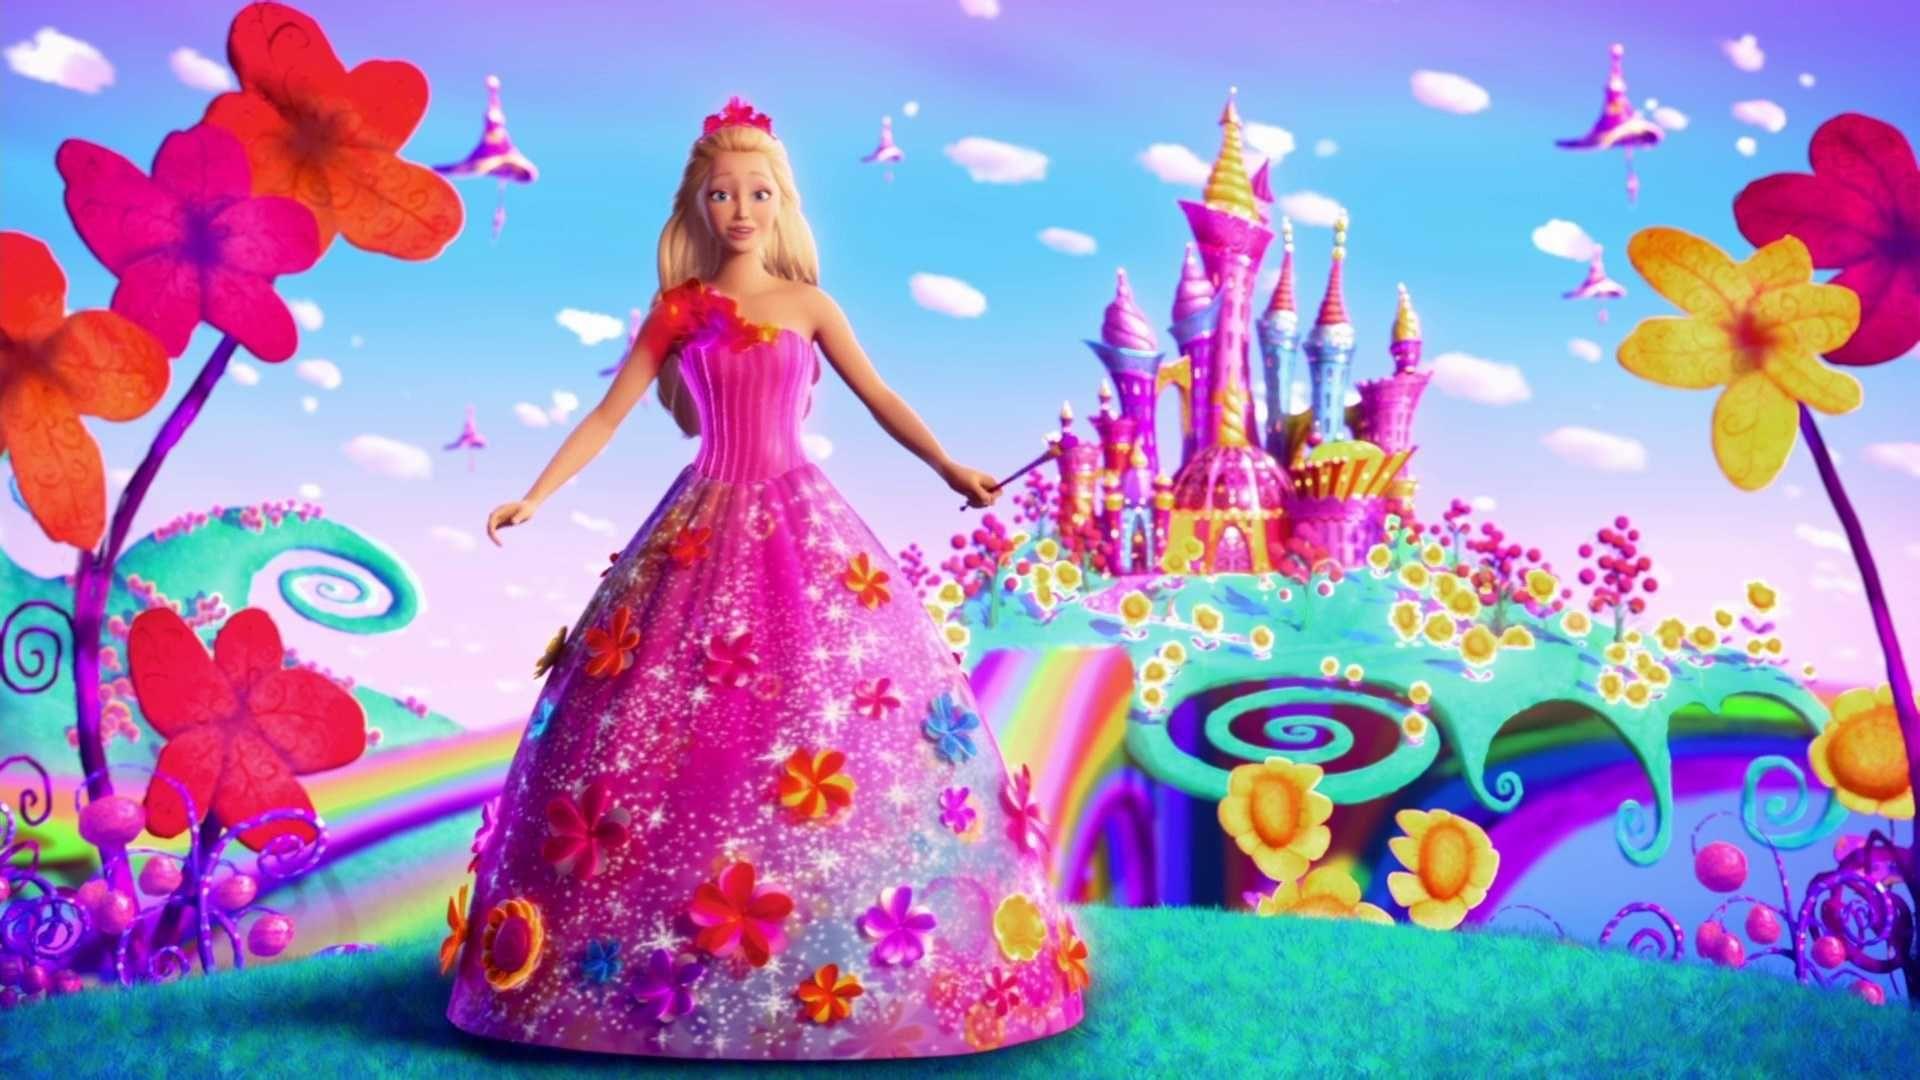 Barbie Wallpaper Google Search Princess Wallpaper Barbie Princess Barbie Images